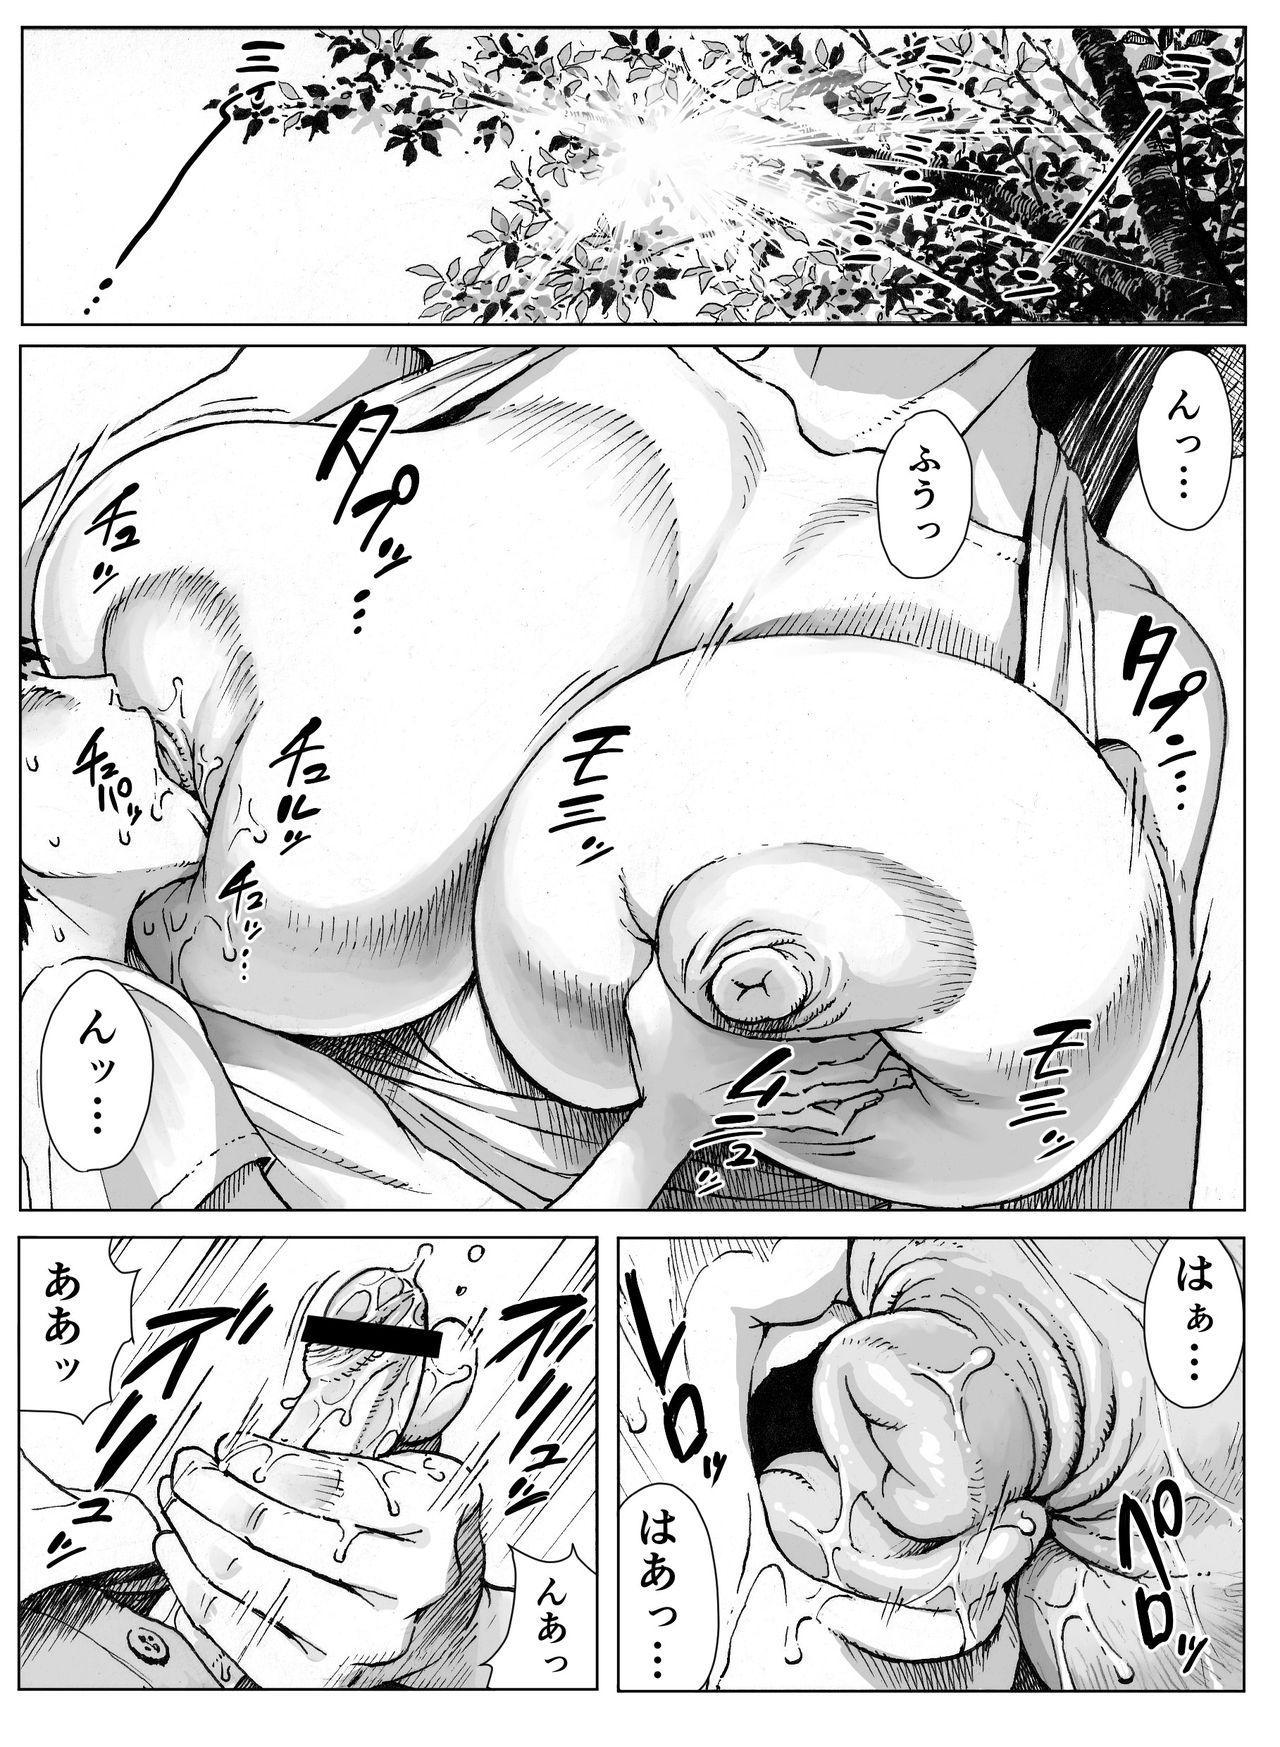 Ōse 17